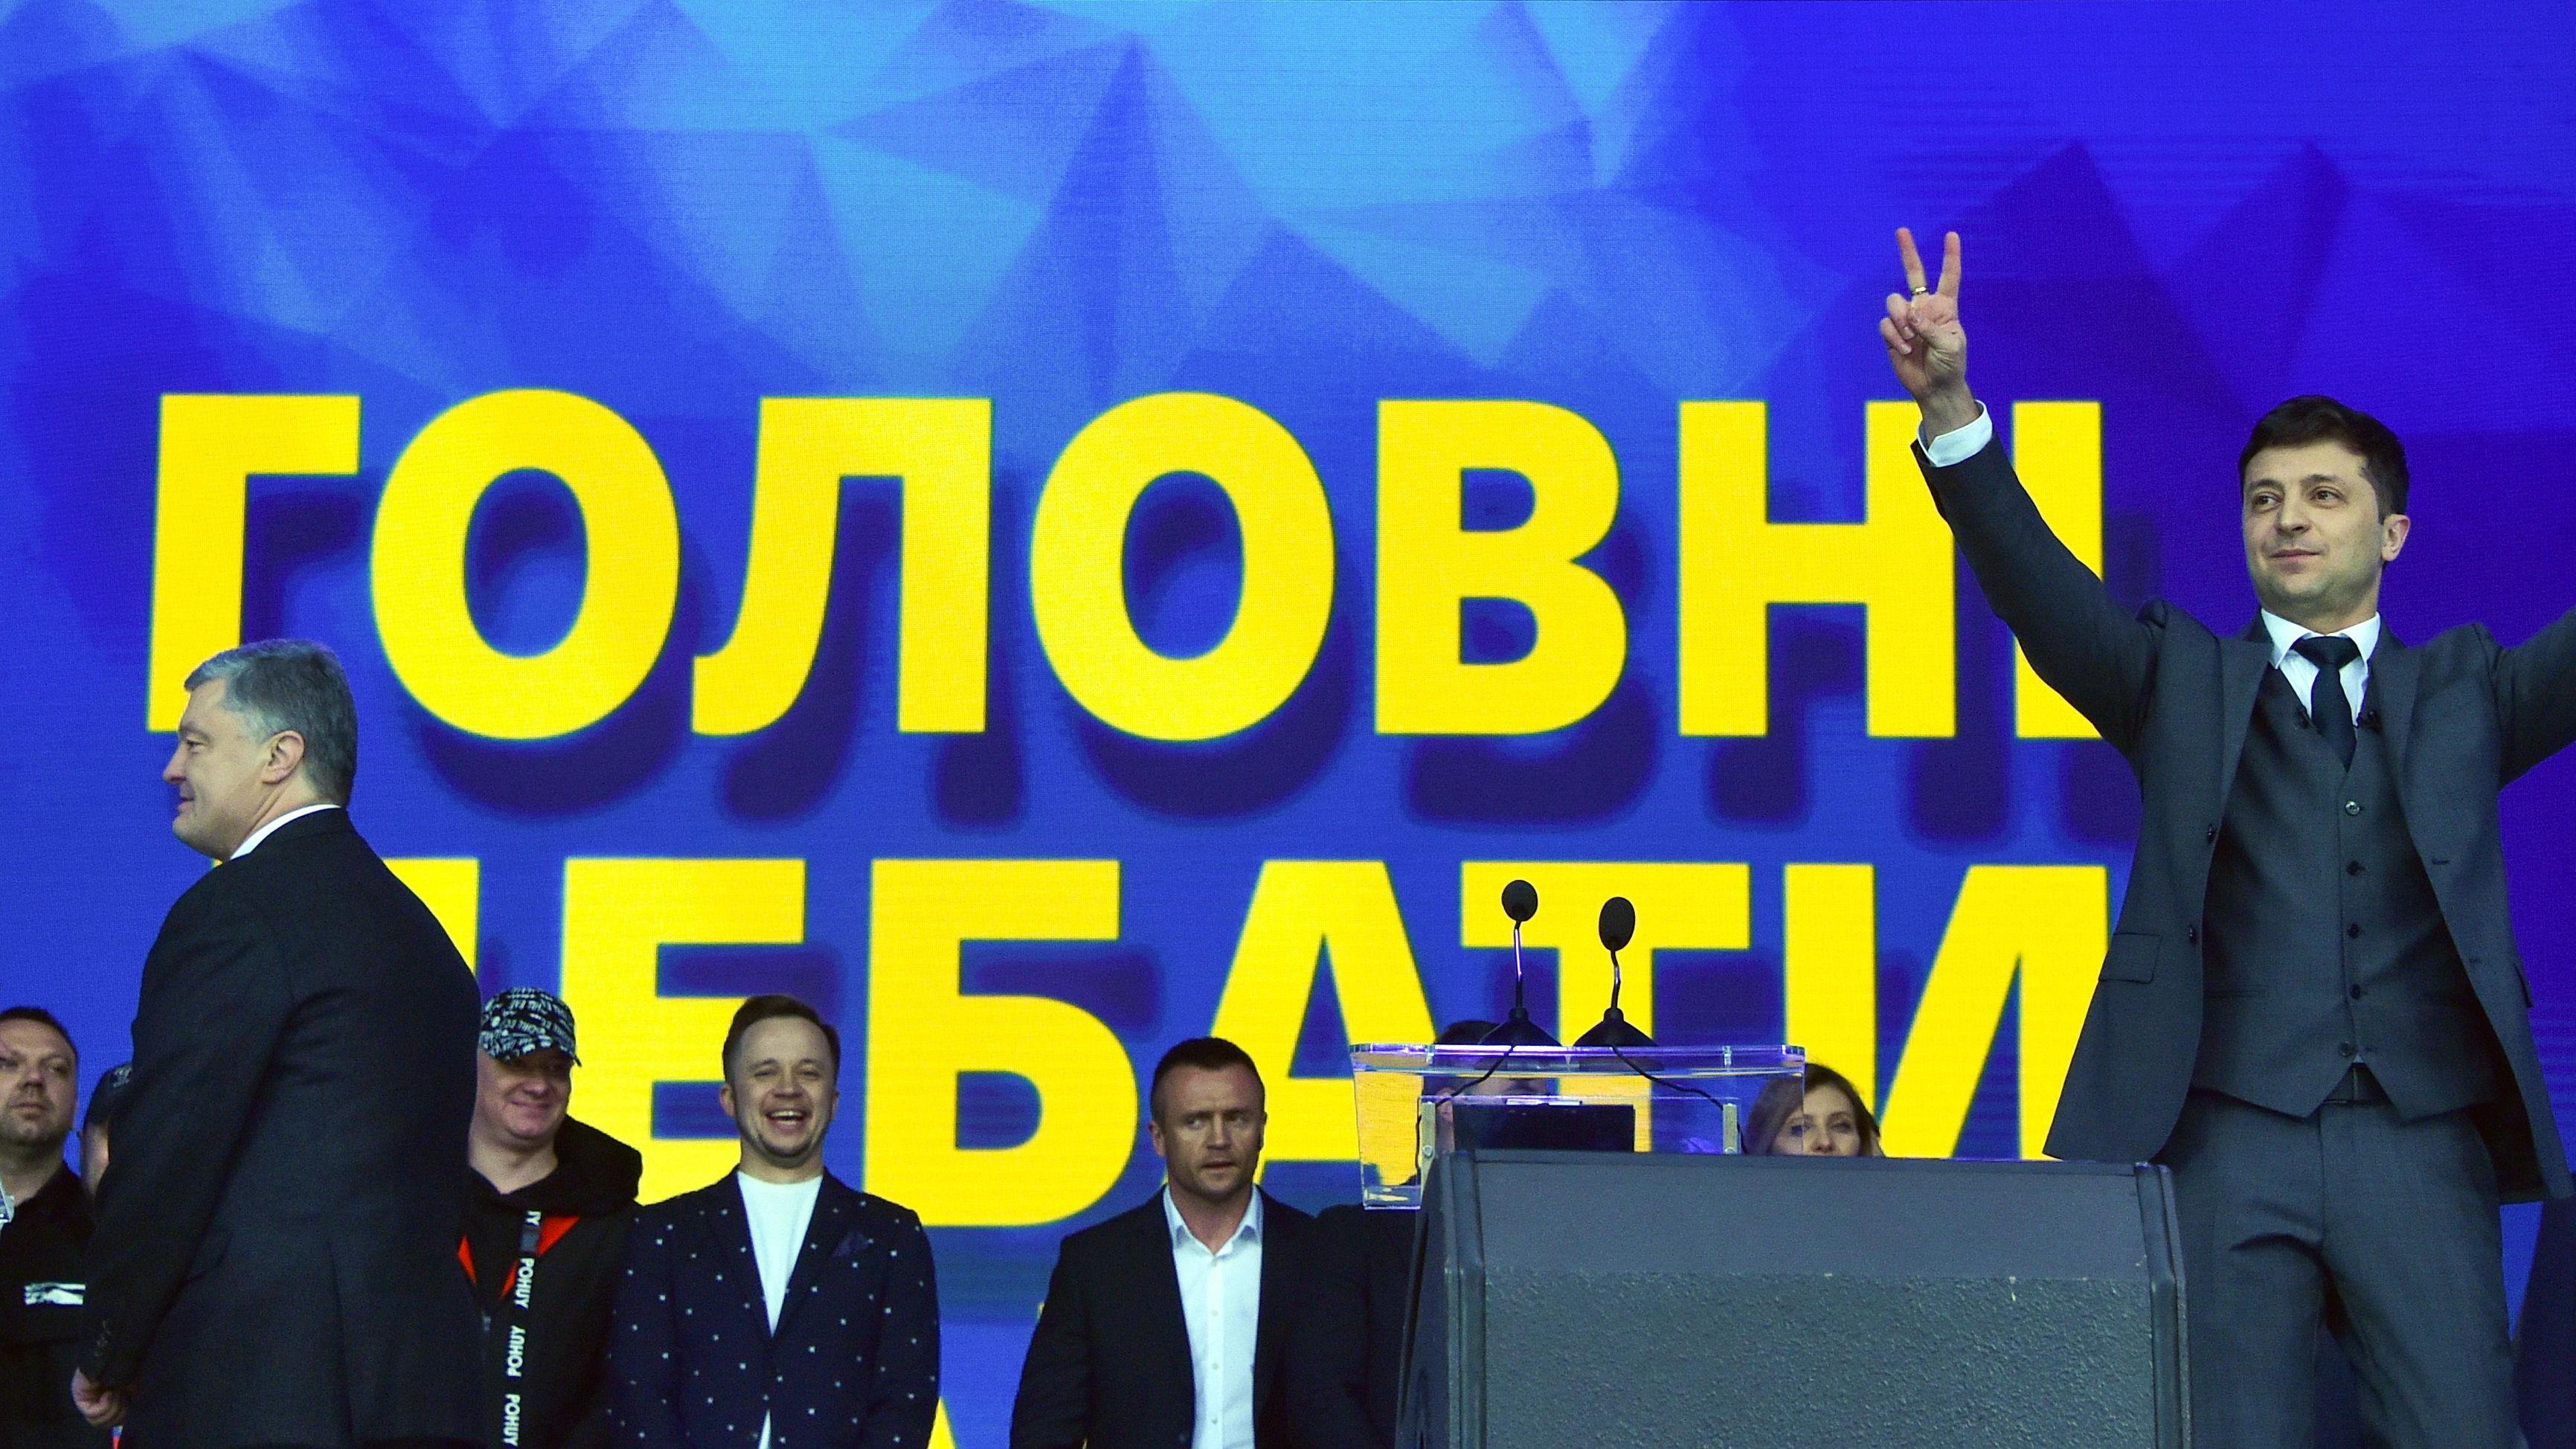 Russland will einen Neuen